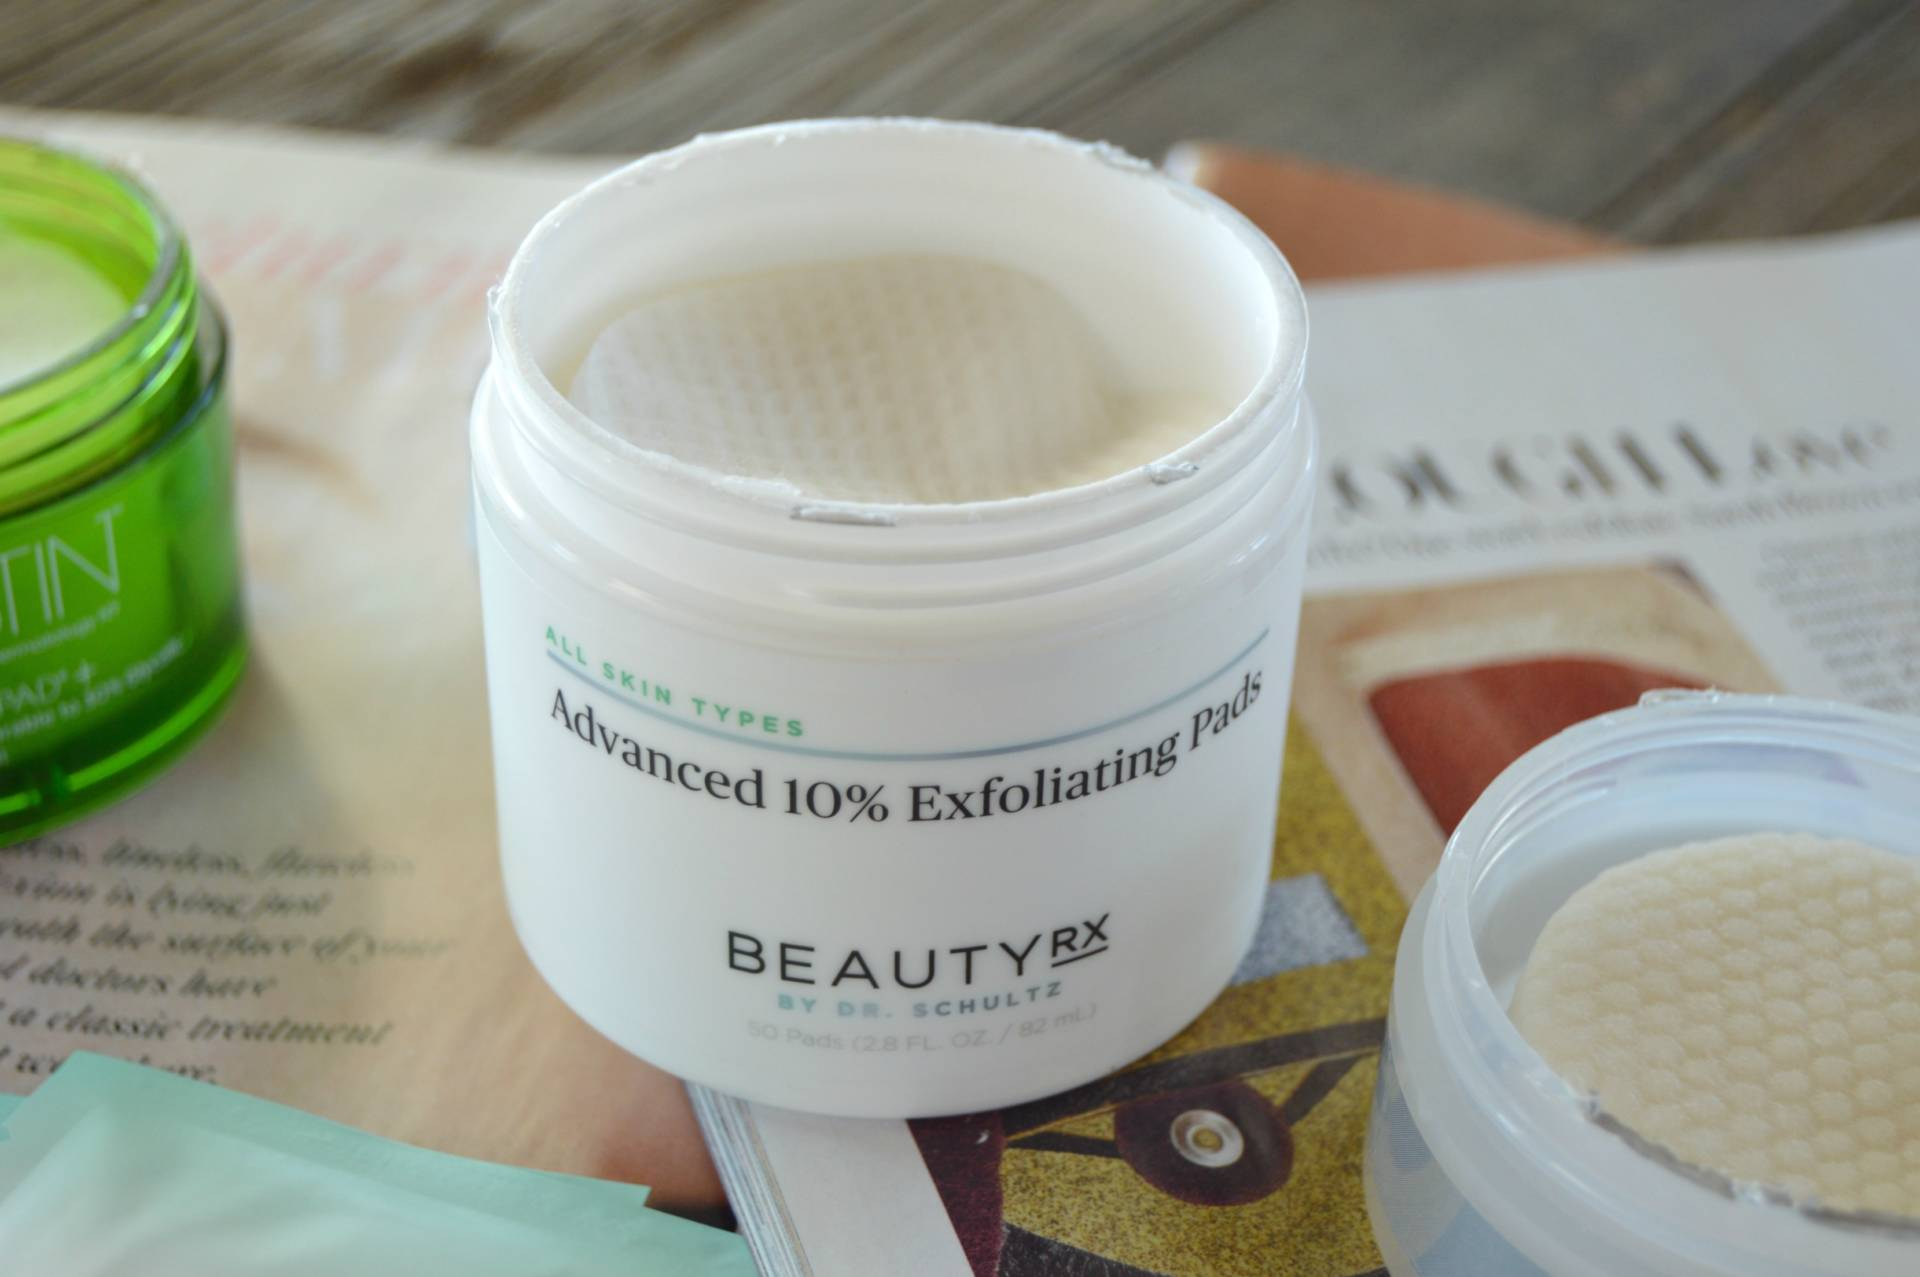 beauty rx schultz dr review advanced 10 glycolic exfoliating pads inhautepursuit